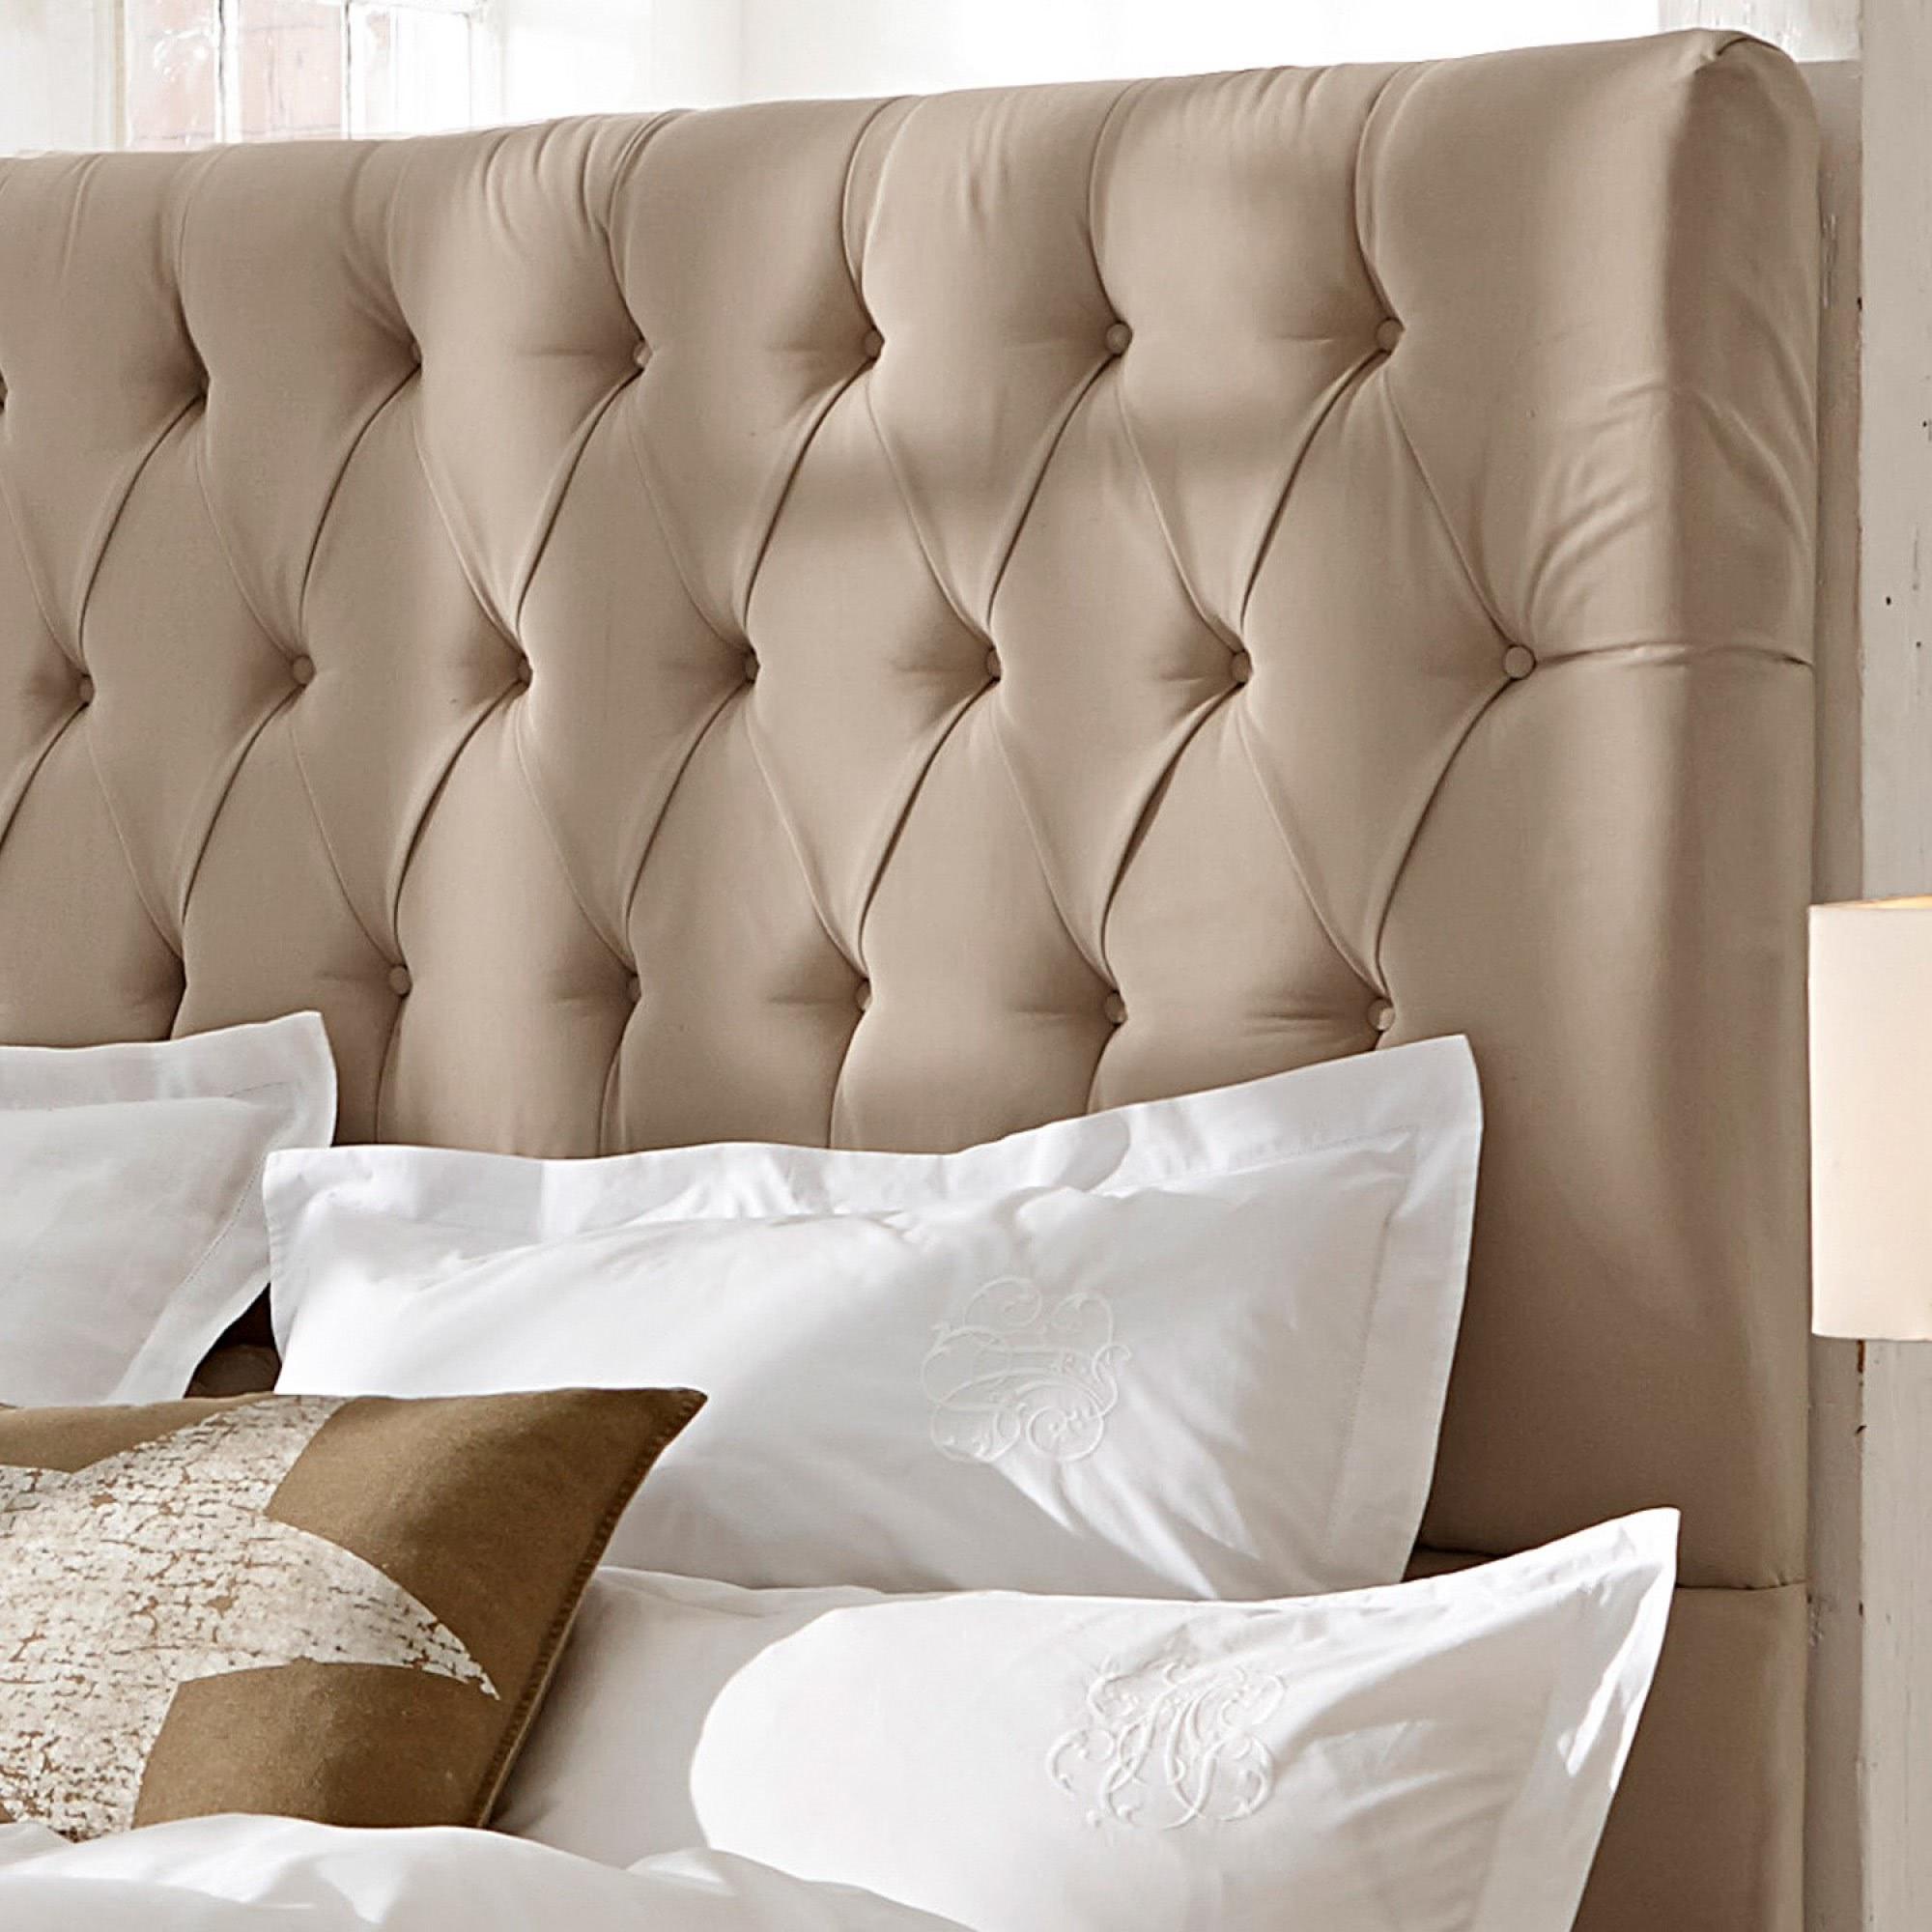 Schlafzimmer betten hoch: betten & matratzen onlineshop. betten ...